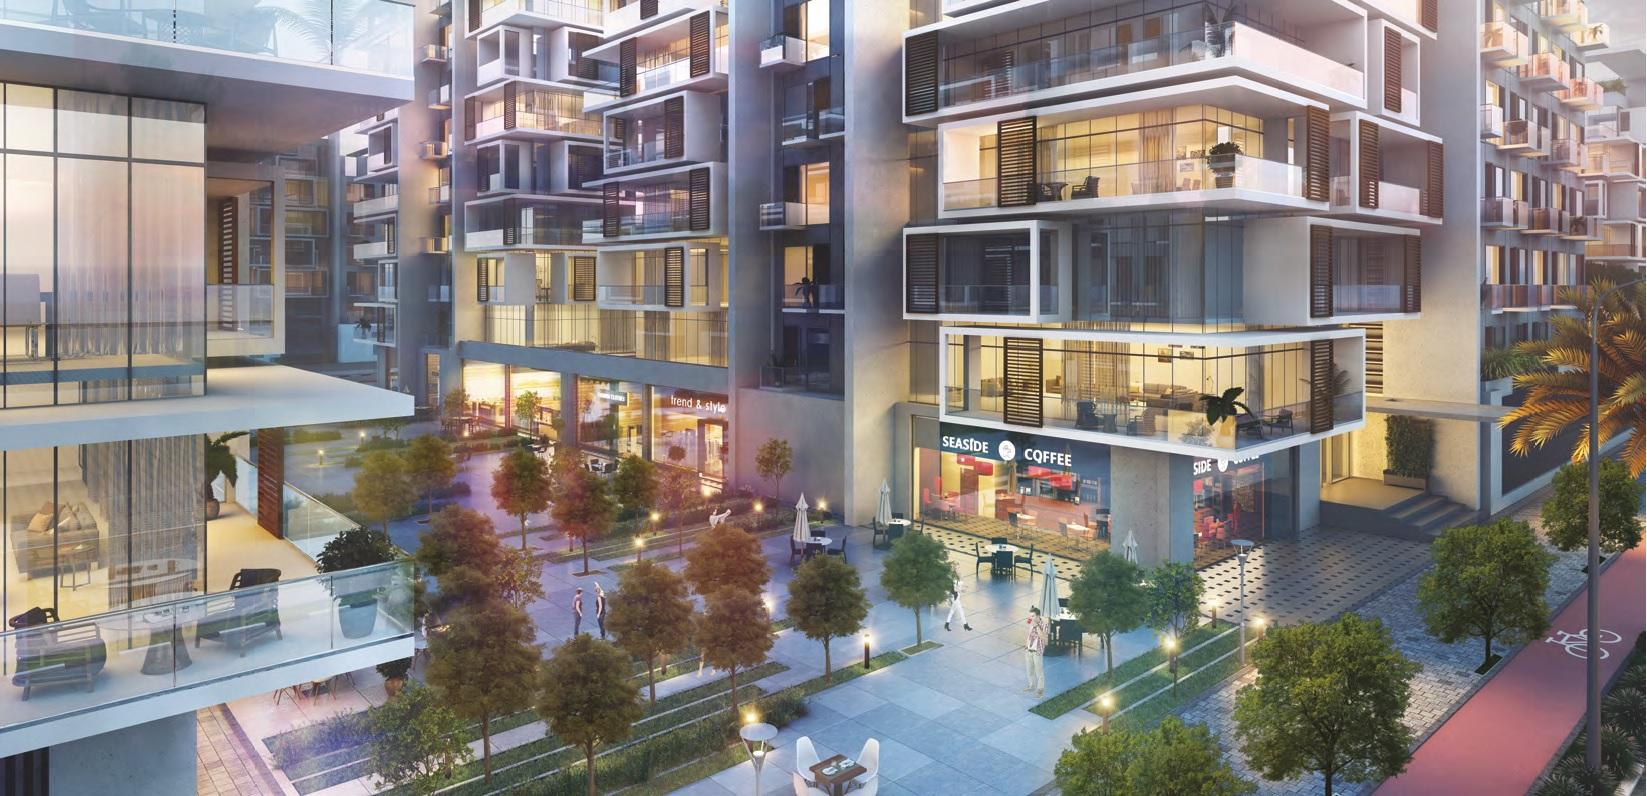 للبيع  ارخص شقة للبيع بدبي داون تاون فقط 432  الف درهم وبالاقساط 5f568024253f226